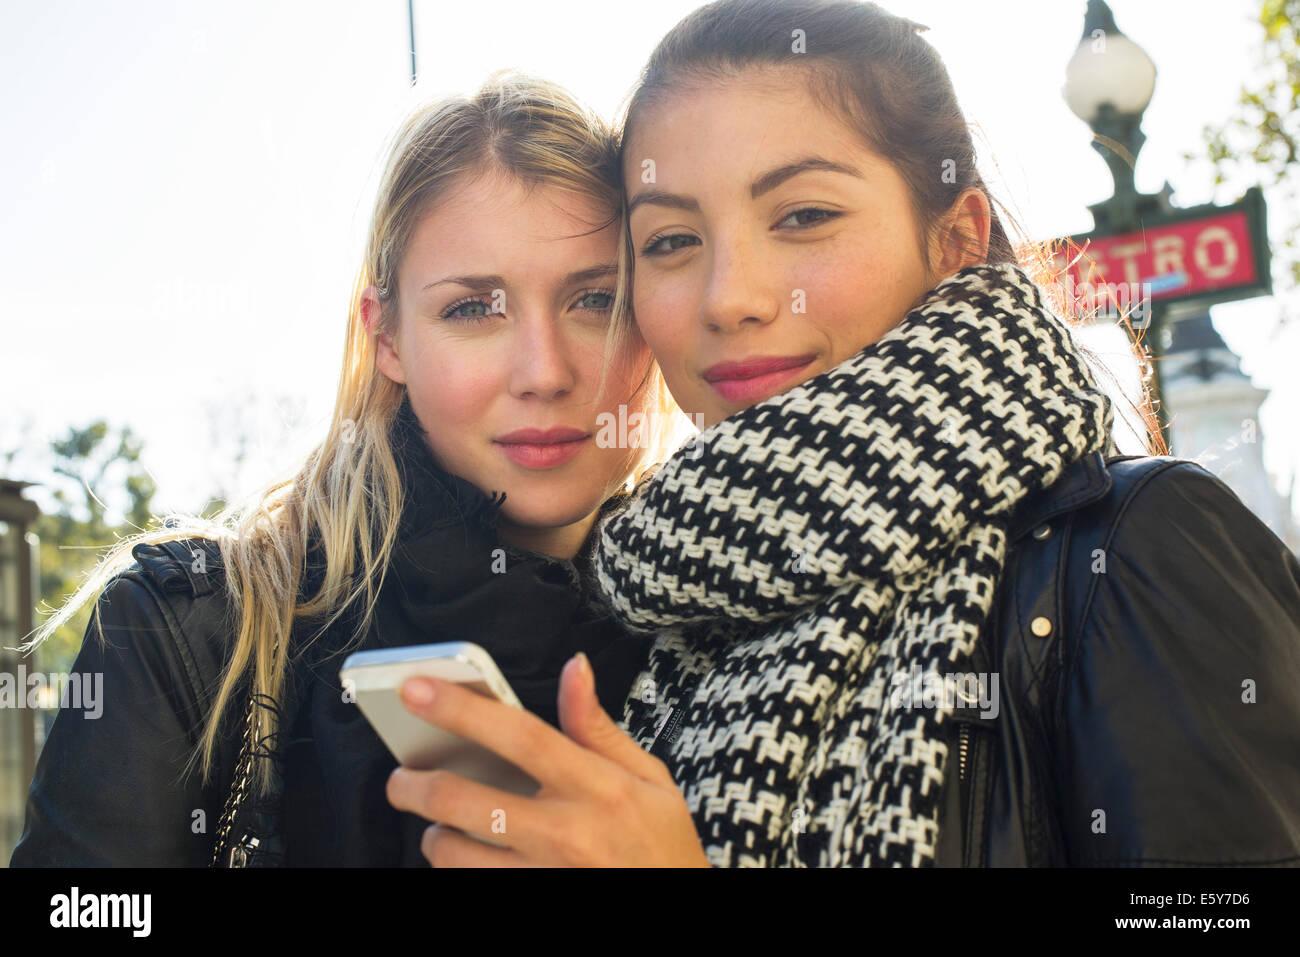 Junge Frauen, die im freien Blick auf Handy zusammen Stockbild